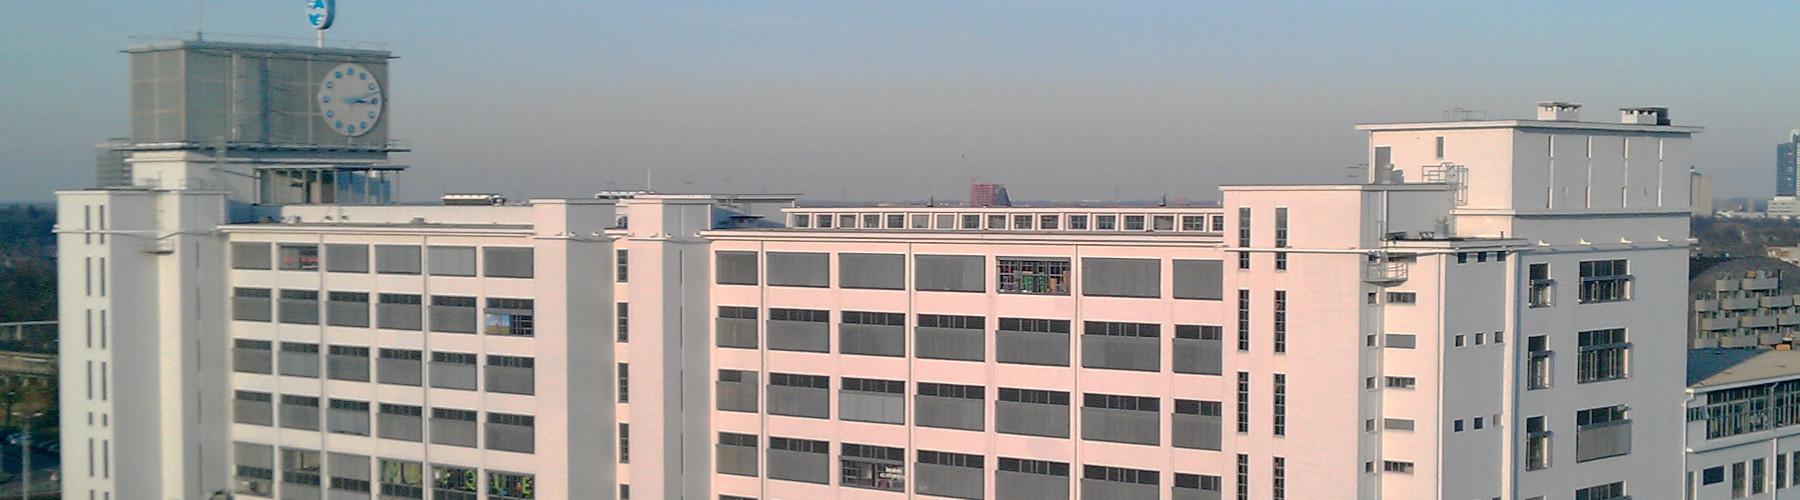 Klokgebouw Eindhoven, het kantoor van BEELEN CS architecten bv